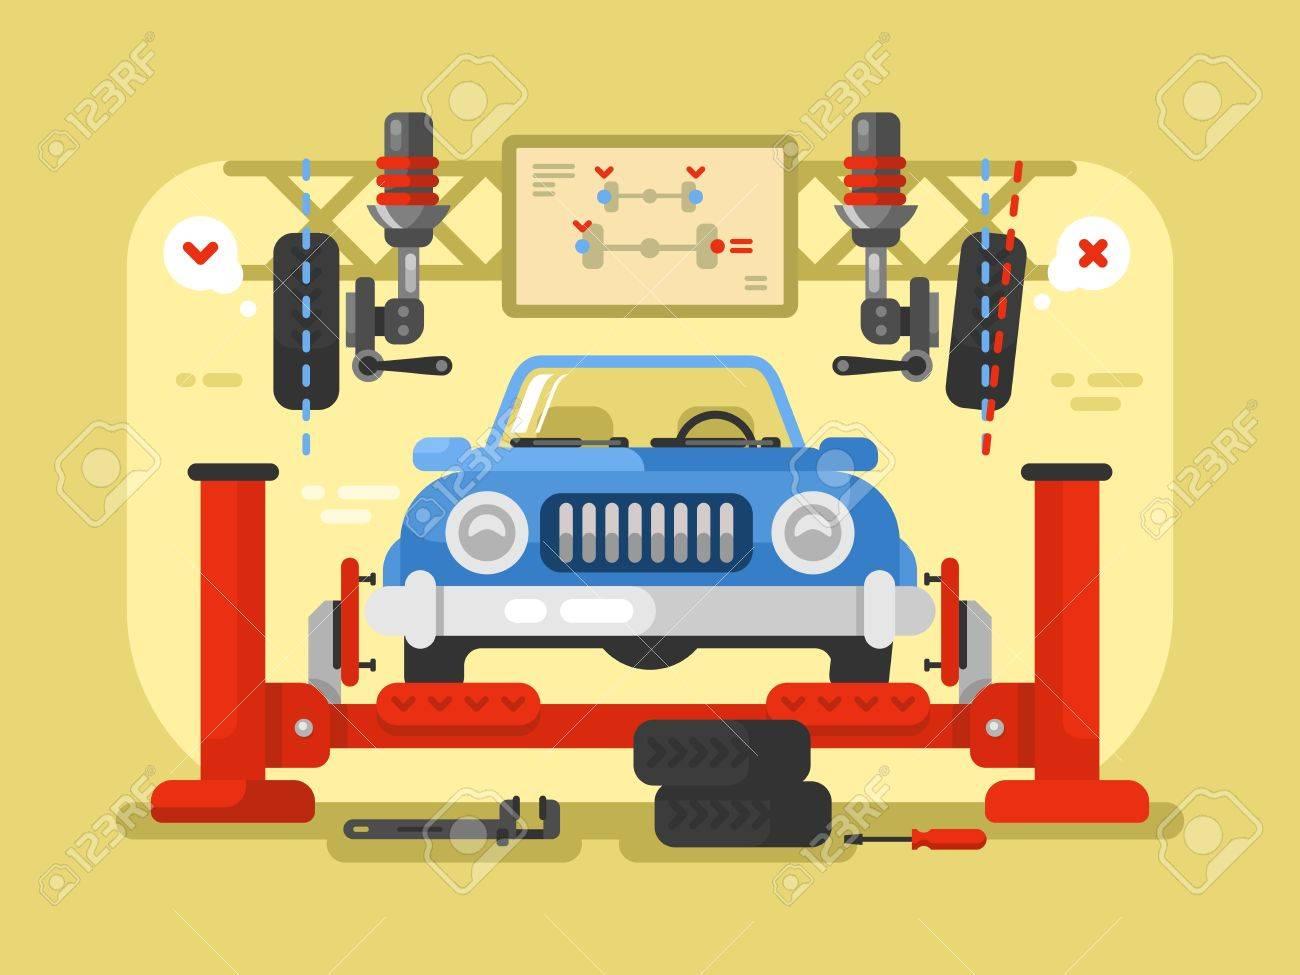 Suspension Car Design Flat Auto Repair Service Station